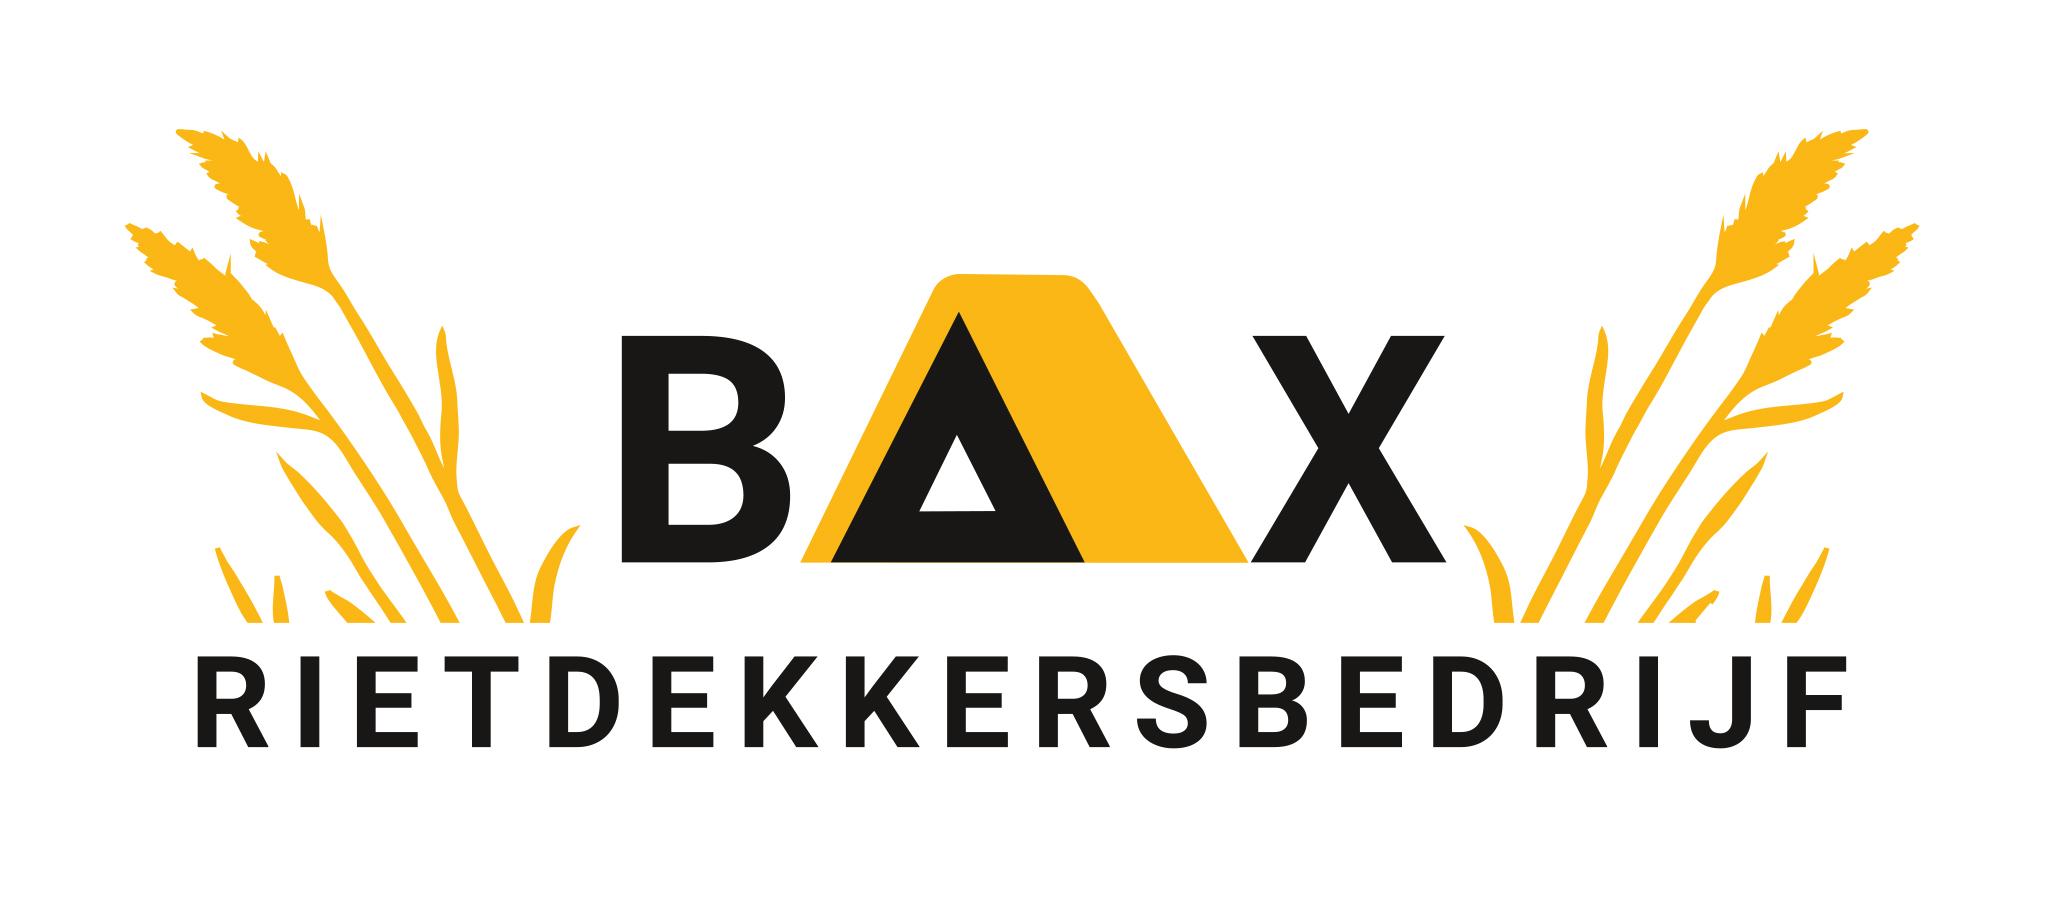 Bax Rietdekkersbedrijf